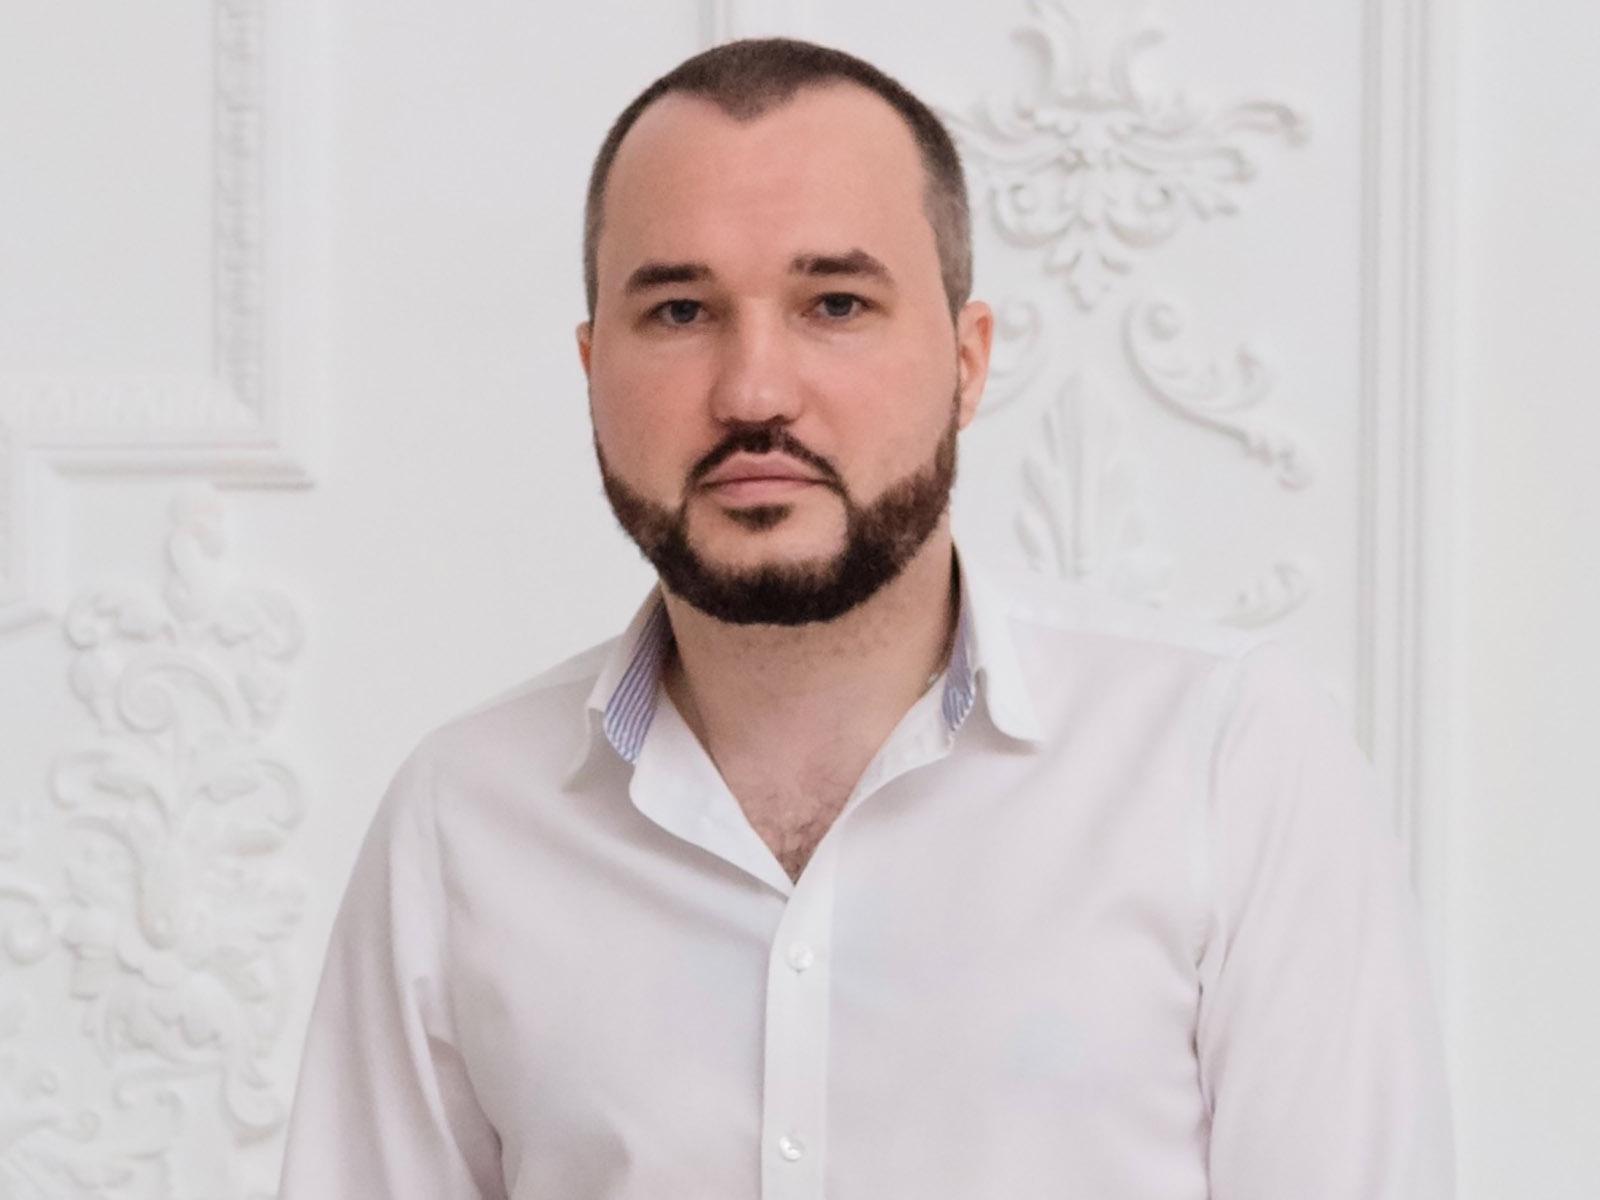 Святослав Савенко. 11 советов финансиста: как не потерять активы в банкротстве